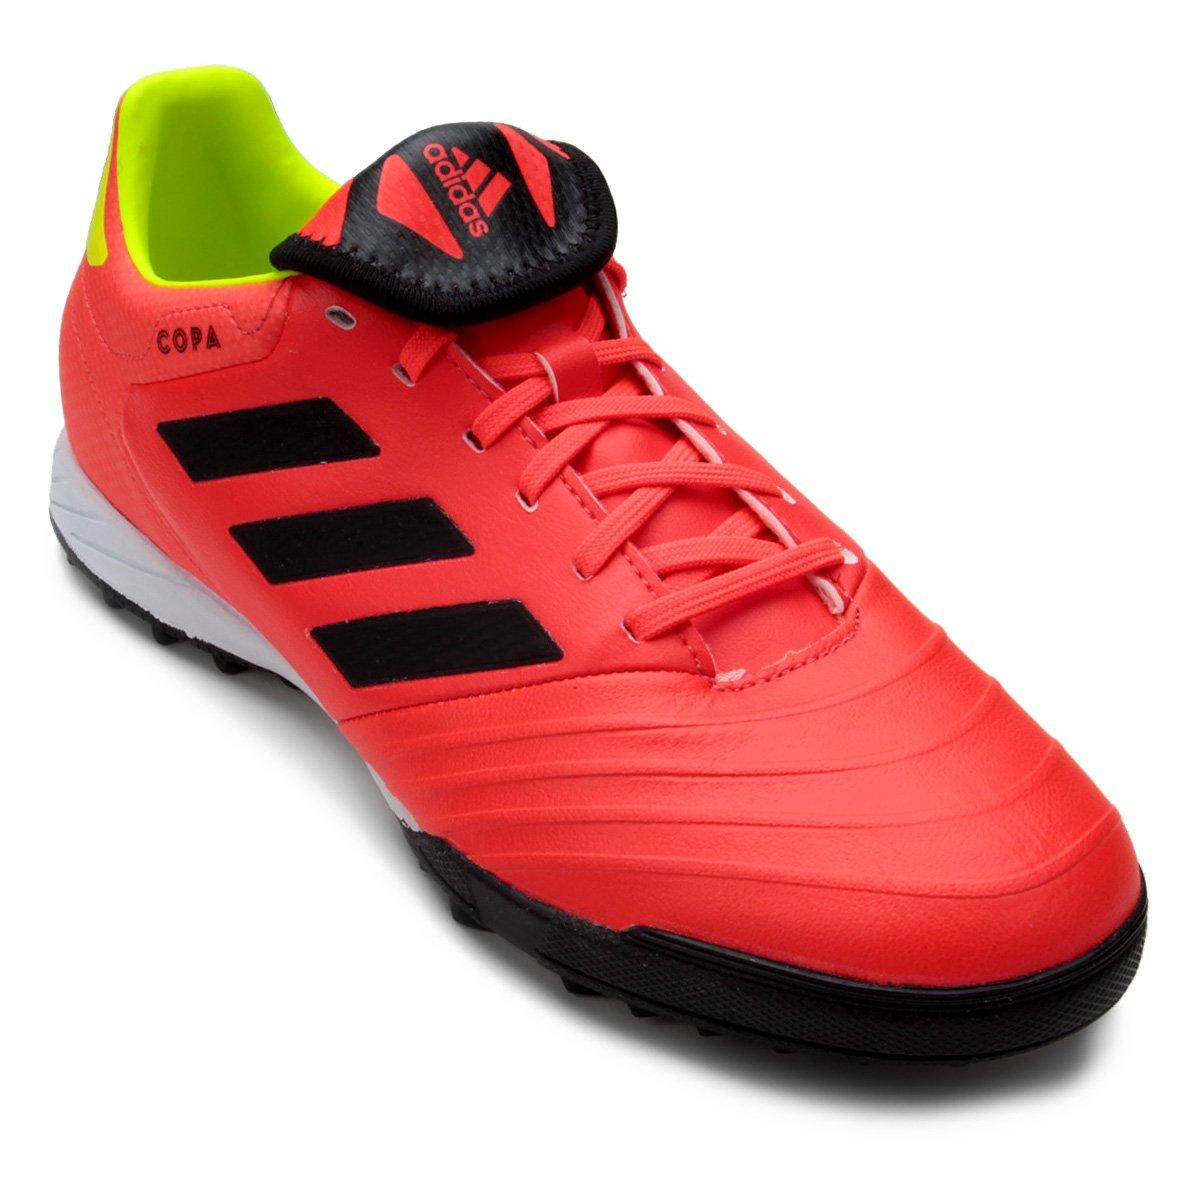 84a13a782d9 Chuteira Society Adidas Copa Tango 18 3 TF - Compre Agora